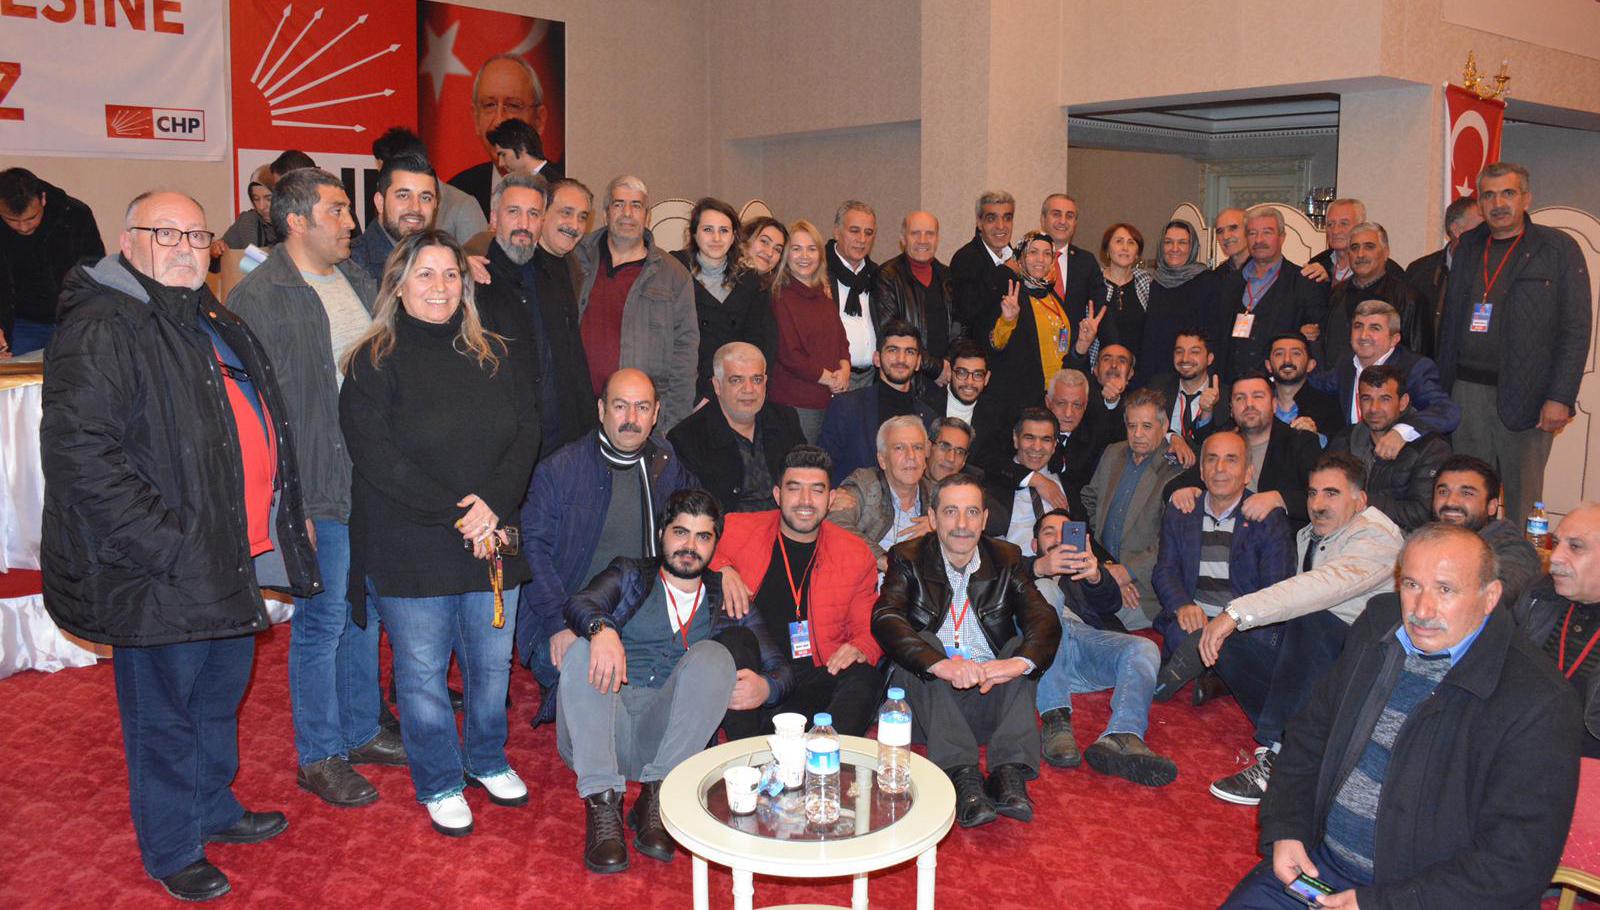 CHP'nin Diyarbakır delegeleri Kılıçdaroğlu'nu destekleyecek